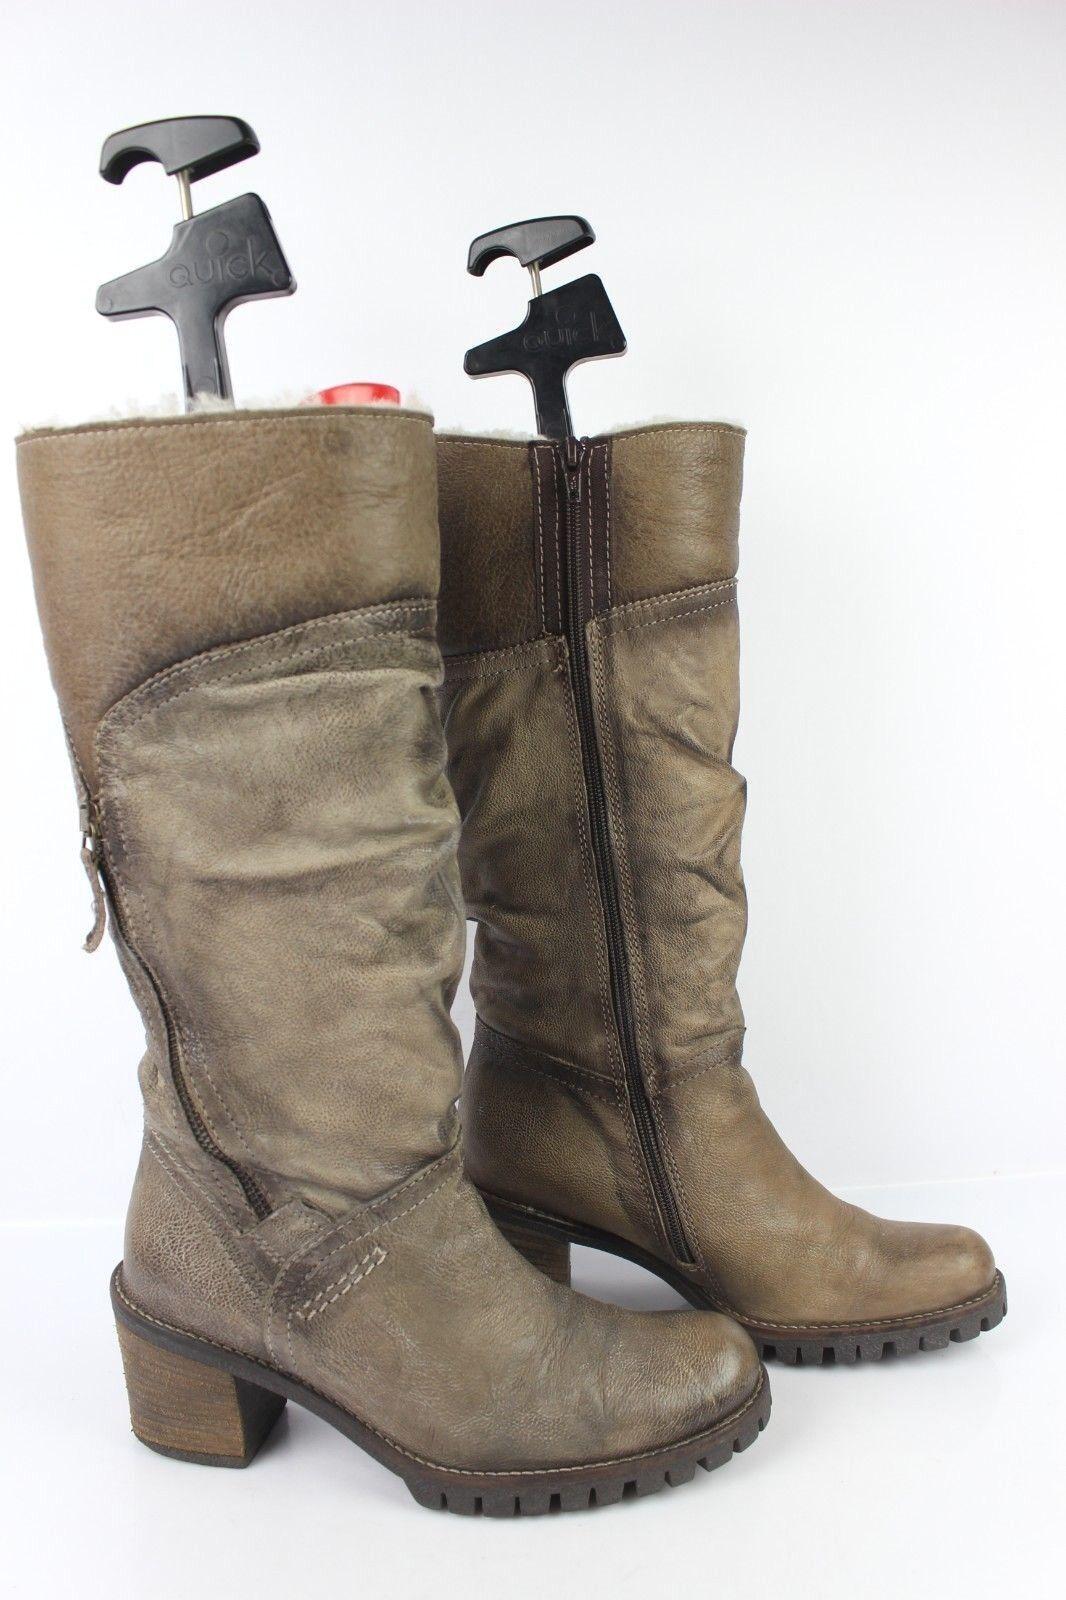 Stivali di pelle Chamois MINKA DESIGN T 38 Condizione Molto Buona